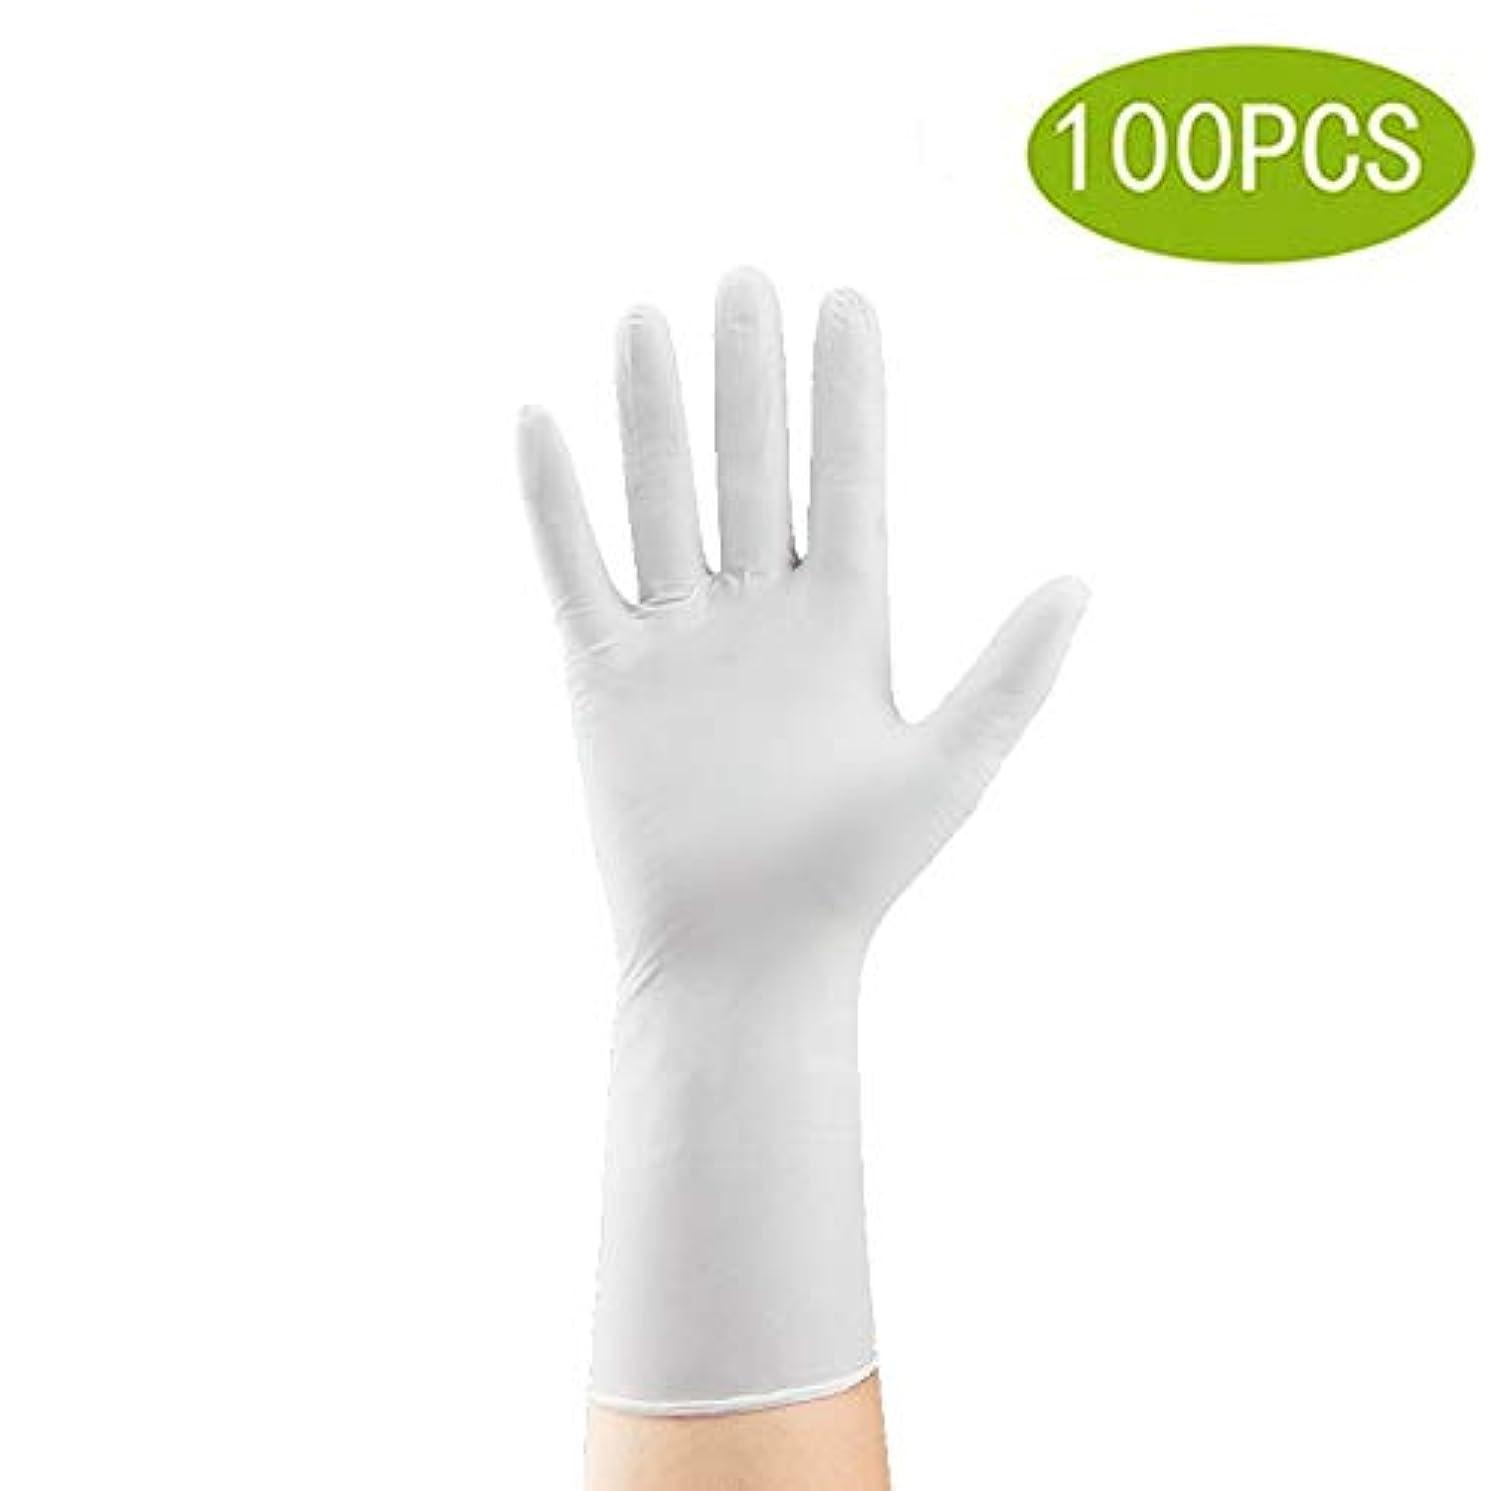 レインコートトレーダー対12インチメディカル試験ラテックス手袋| Jewelry-stores.co.uk5ミル厚、100個入りパウダーフリー、無菌、頑丈な試験用手袋|病院用プロフェッショナルグレード、法執行機関、使い捨て安全手袋 (Size : XS)